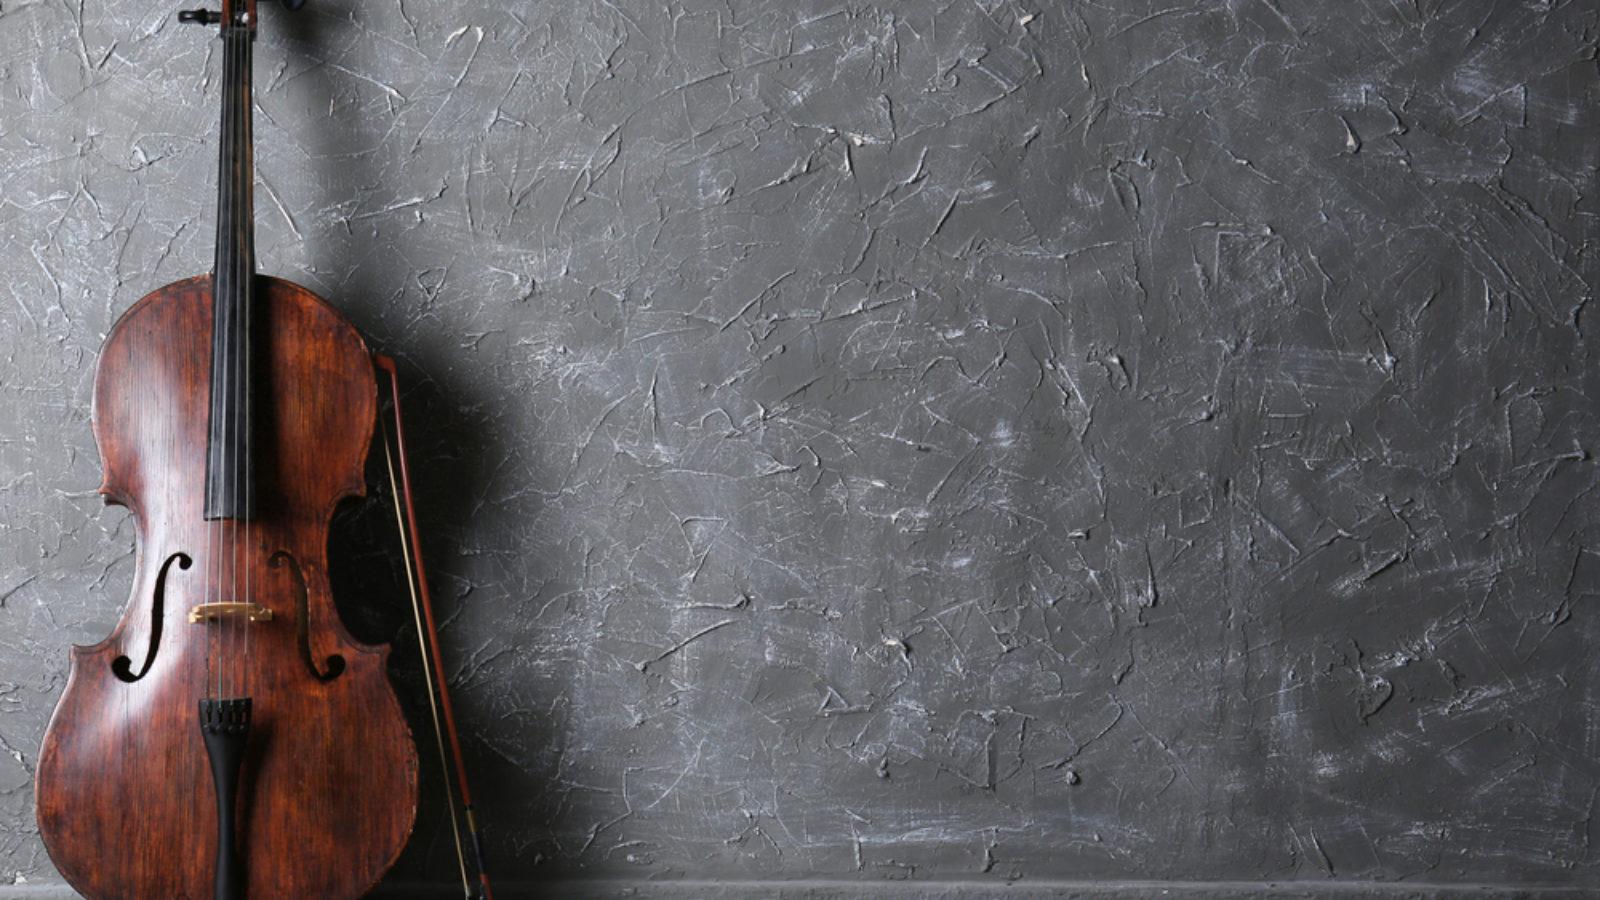 チェロの音階練習やり方を解説するよ!運指やポジション、楽譜の紹介あり【伴奏動画つき!】